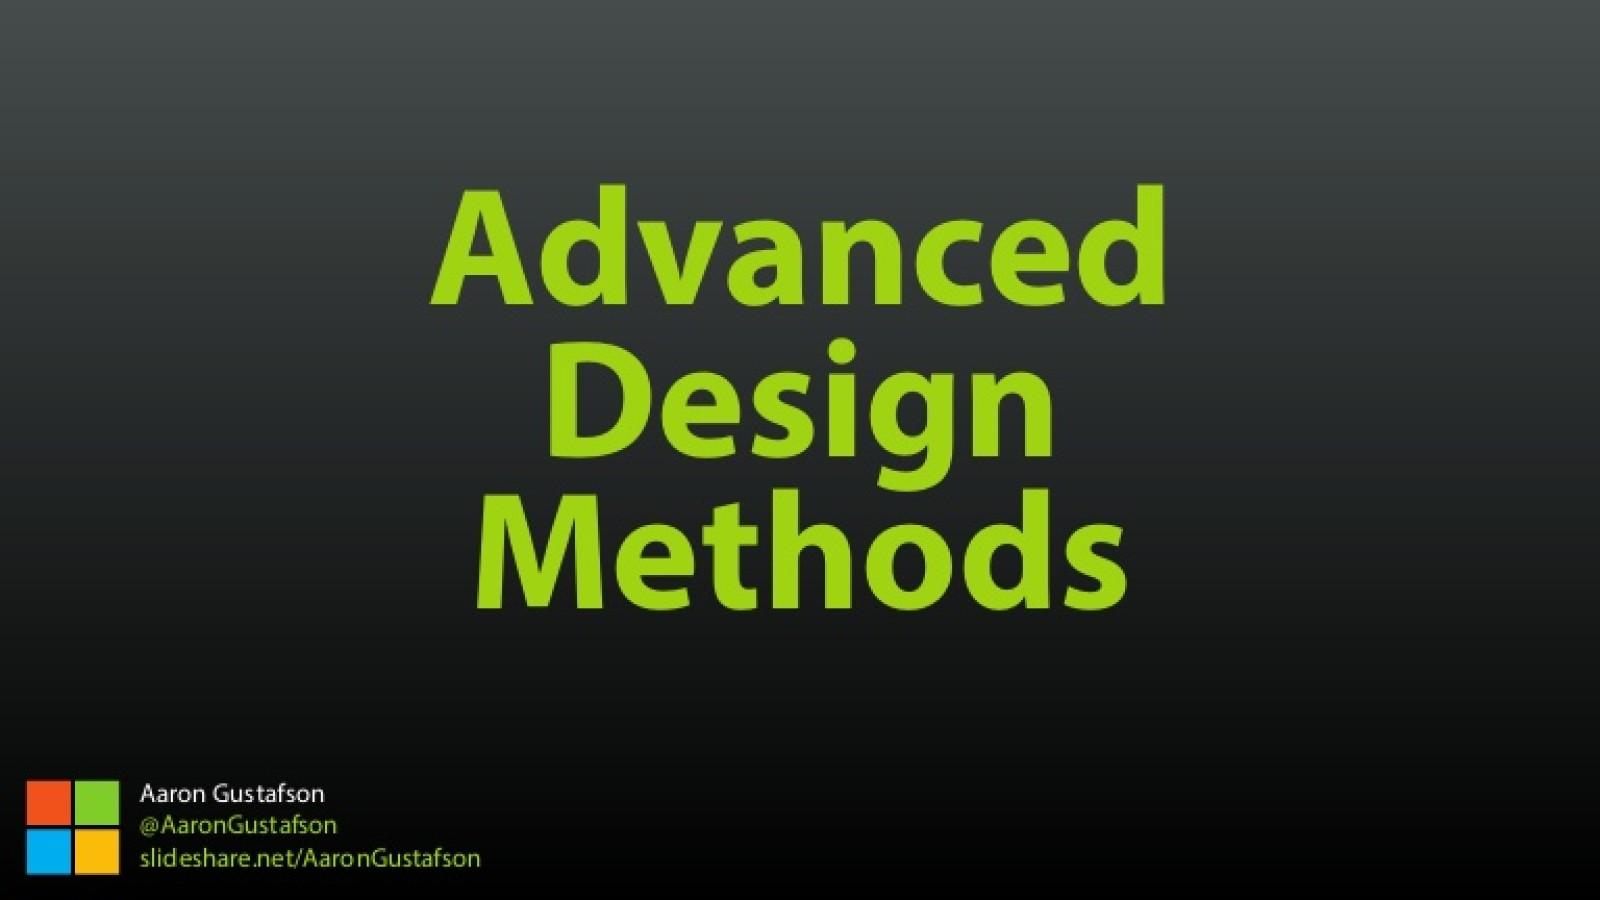 Advanced Design Methods [Workshop]